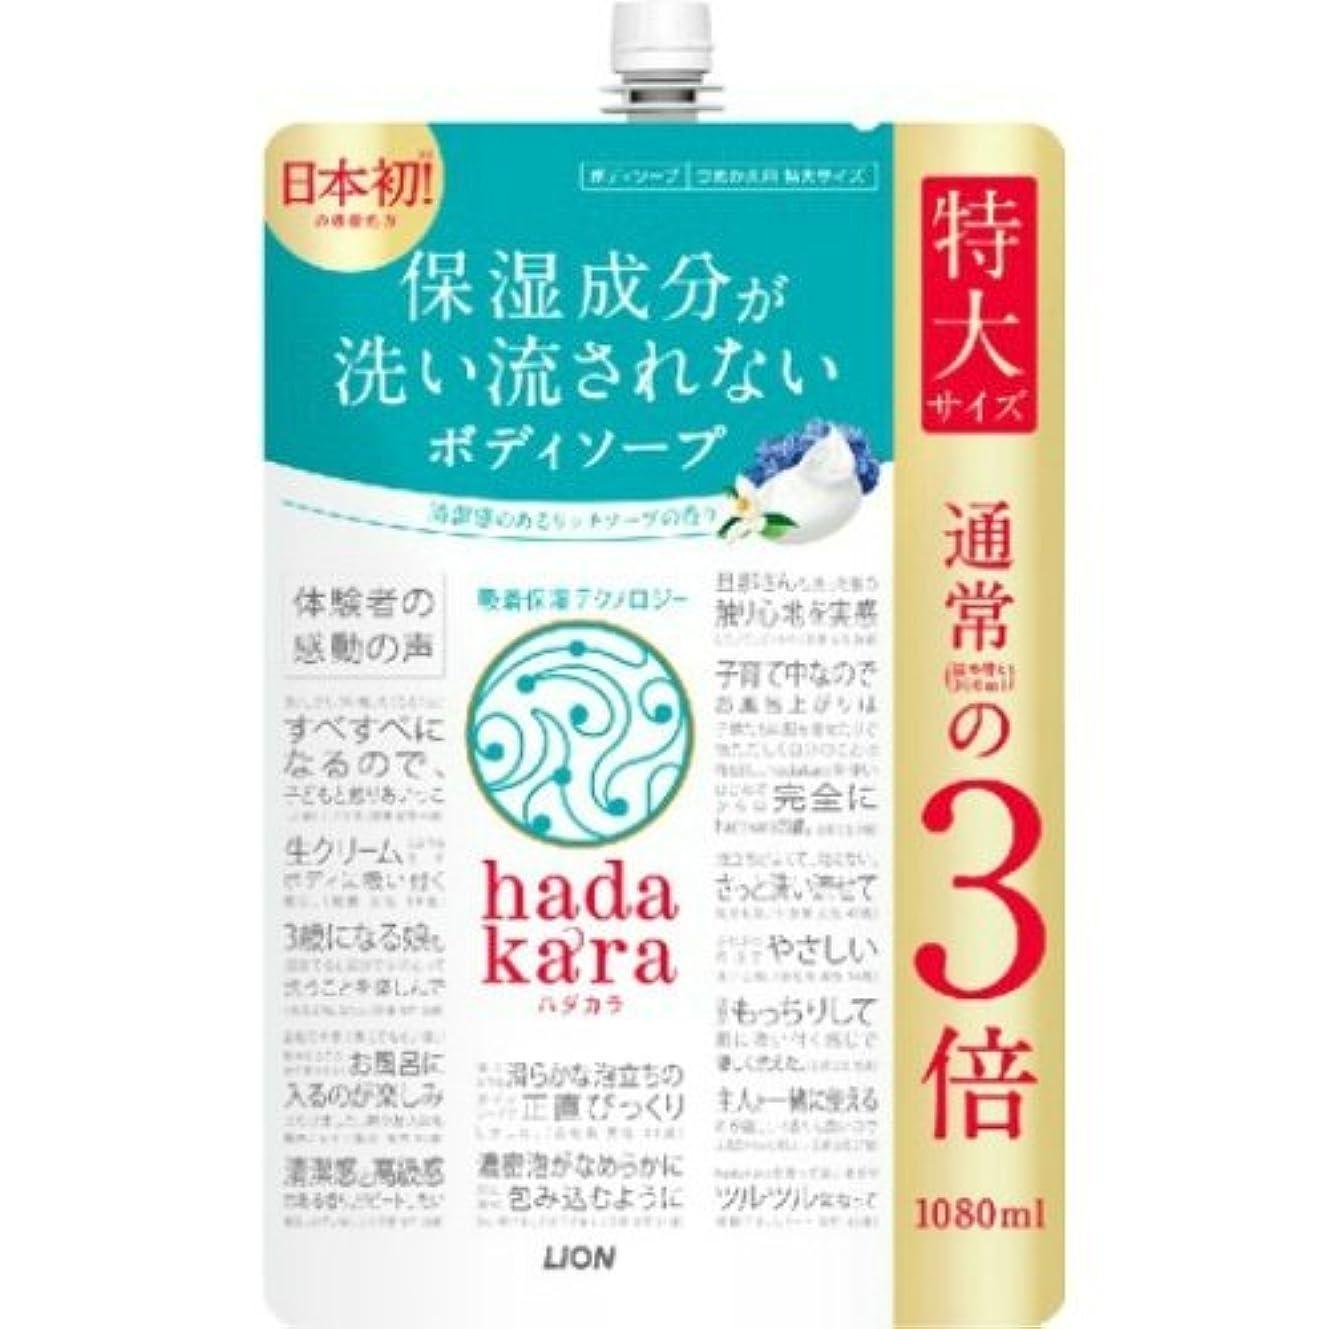 ペッカディロ意欲請願者LION ライオン hadakara ハダカラ ボディソープ リッチソープの香り つめかえ用 特大サイズ 1080ml ×3点セット(4903301260882)